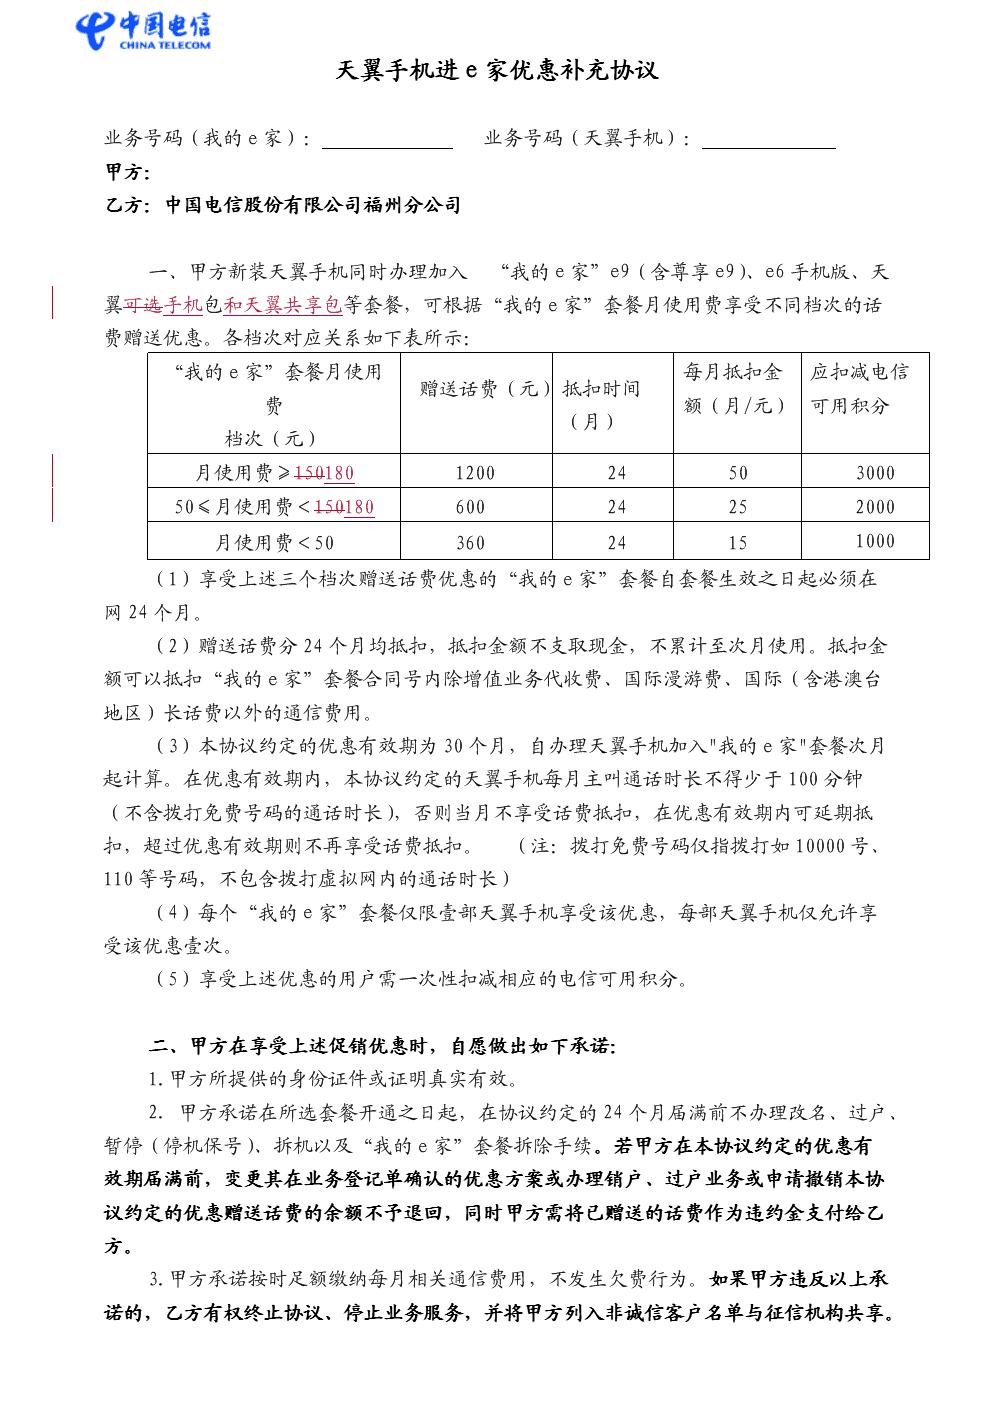 4天翼手机进e家优惠补充协议20090926.doc